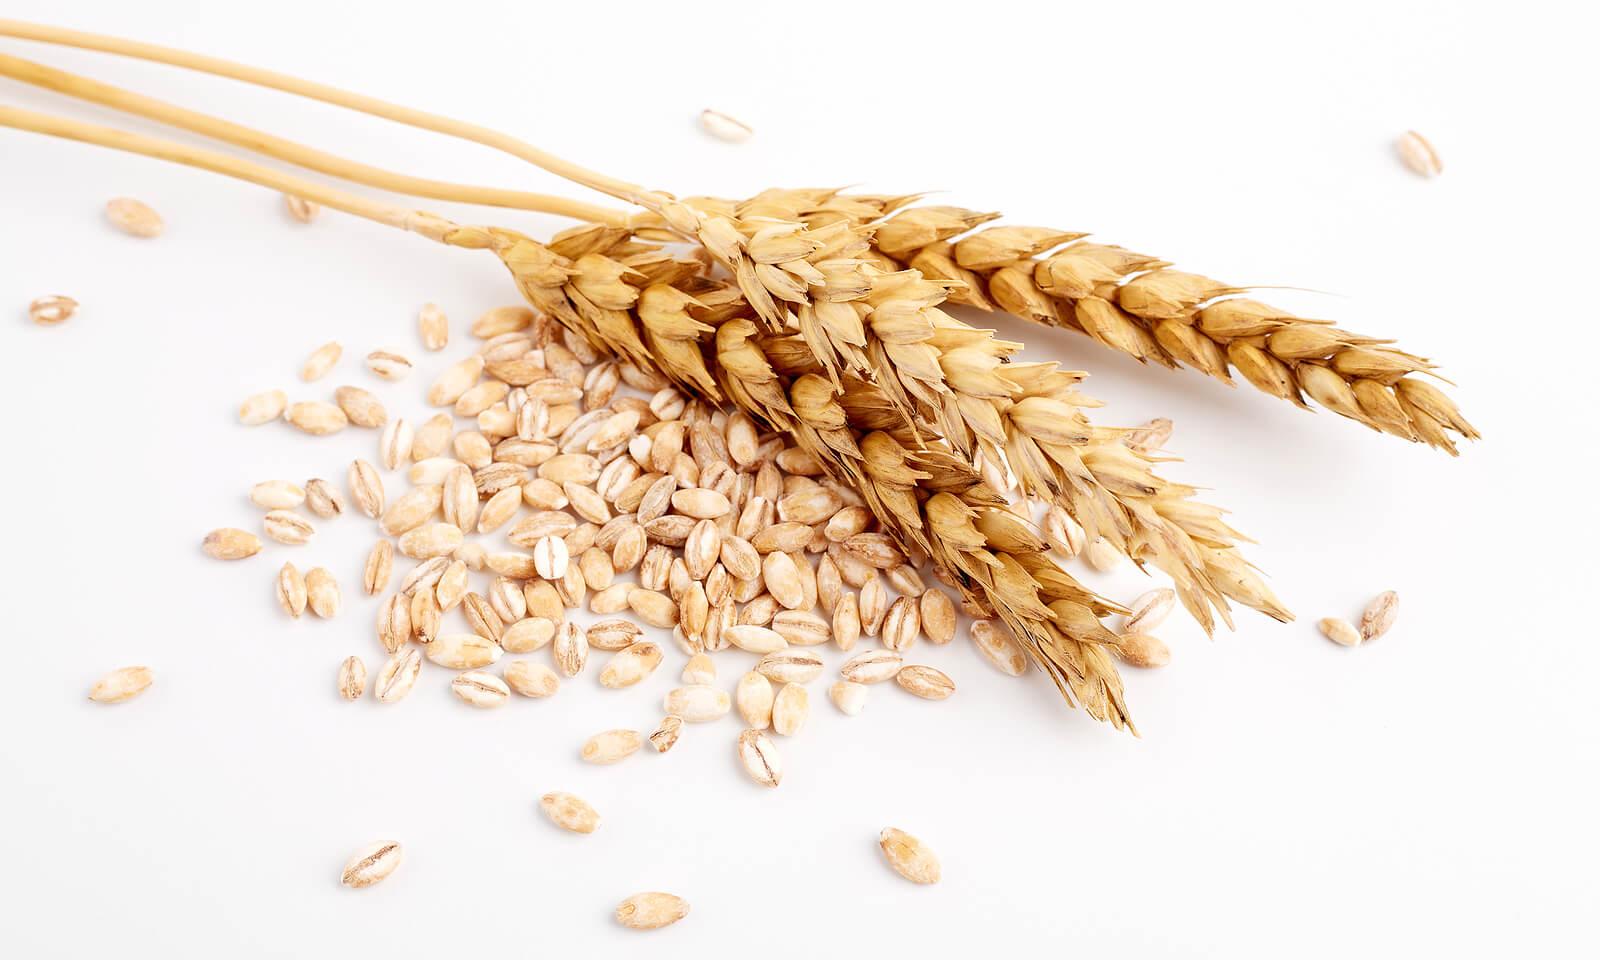 Alergia al gluten: todo lo que debes saber